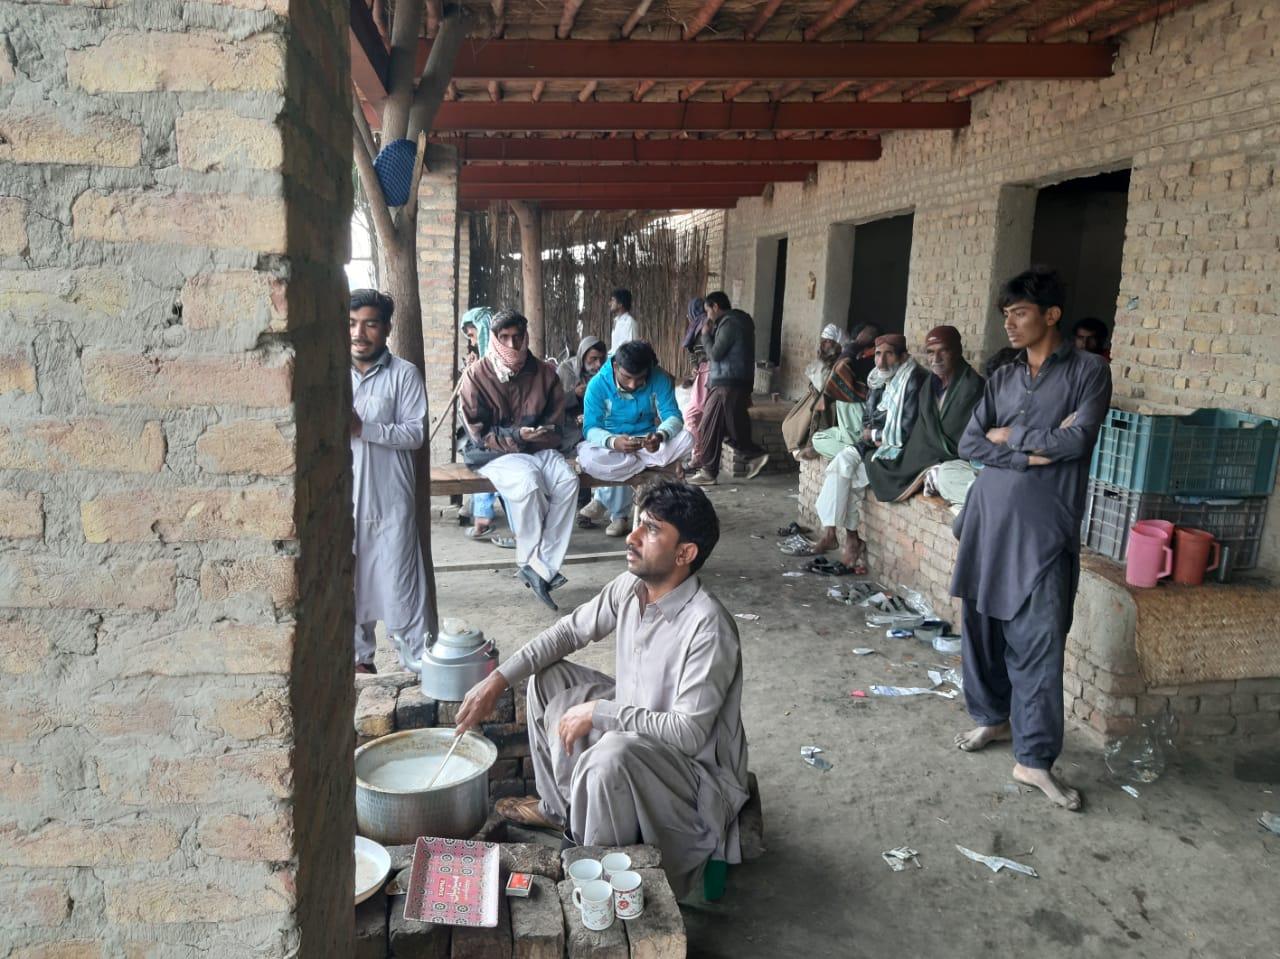 teashop in dadu exemplifies inclusive hiring practices